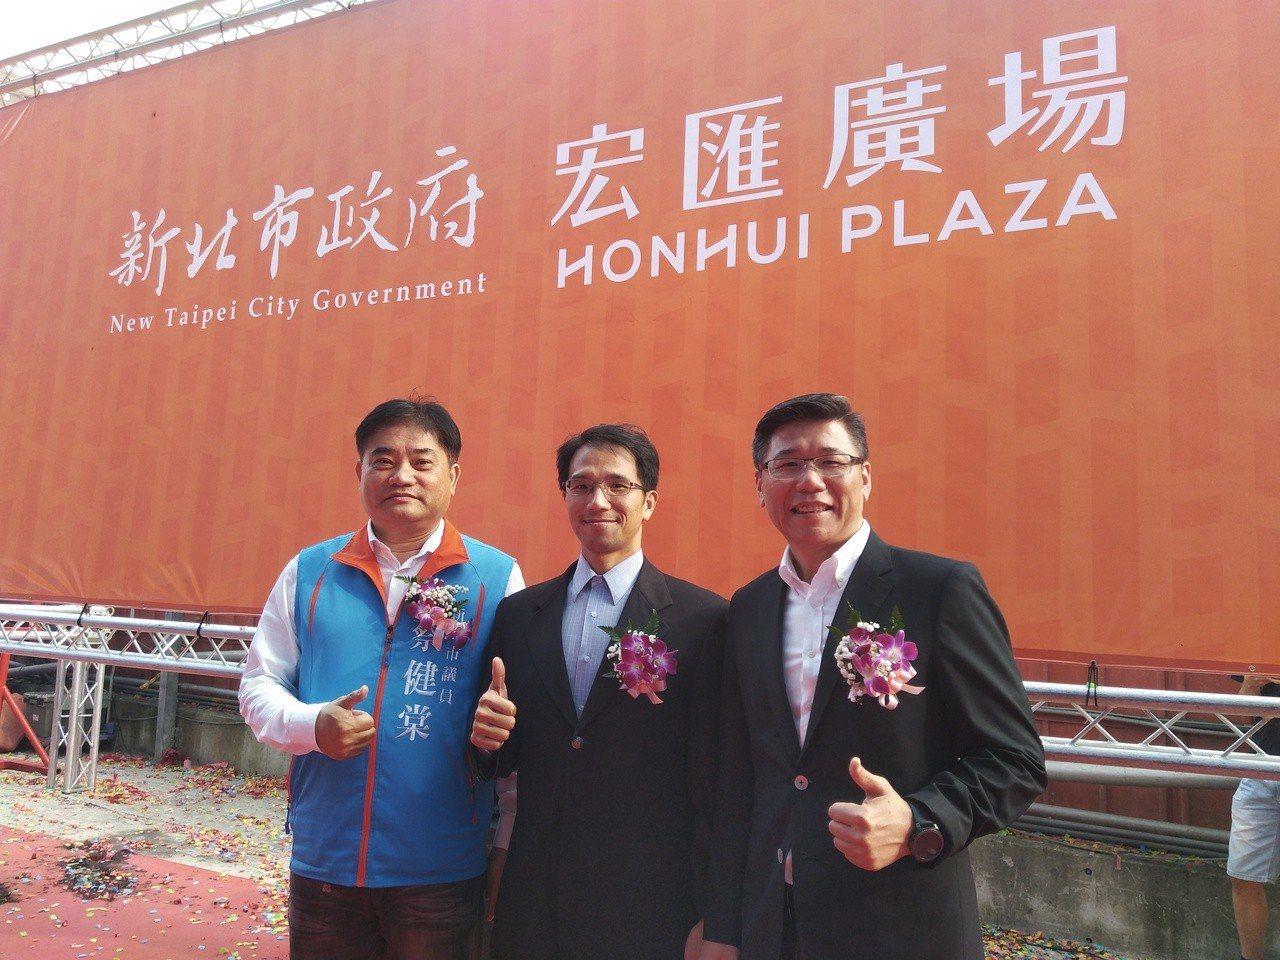 新莊Au捷運商城招商案「宏匯廣場PLAZA 」明年3月可以營運,未來可帶動地方繁...